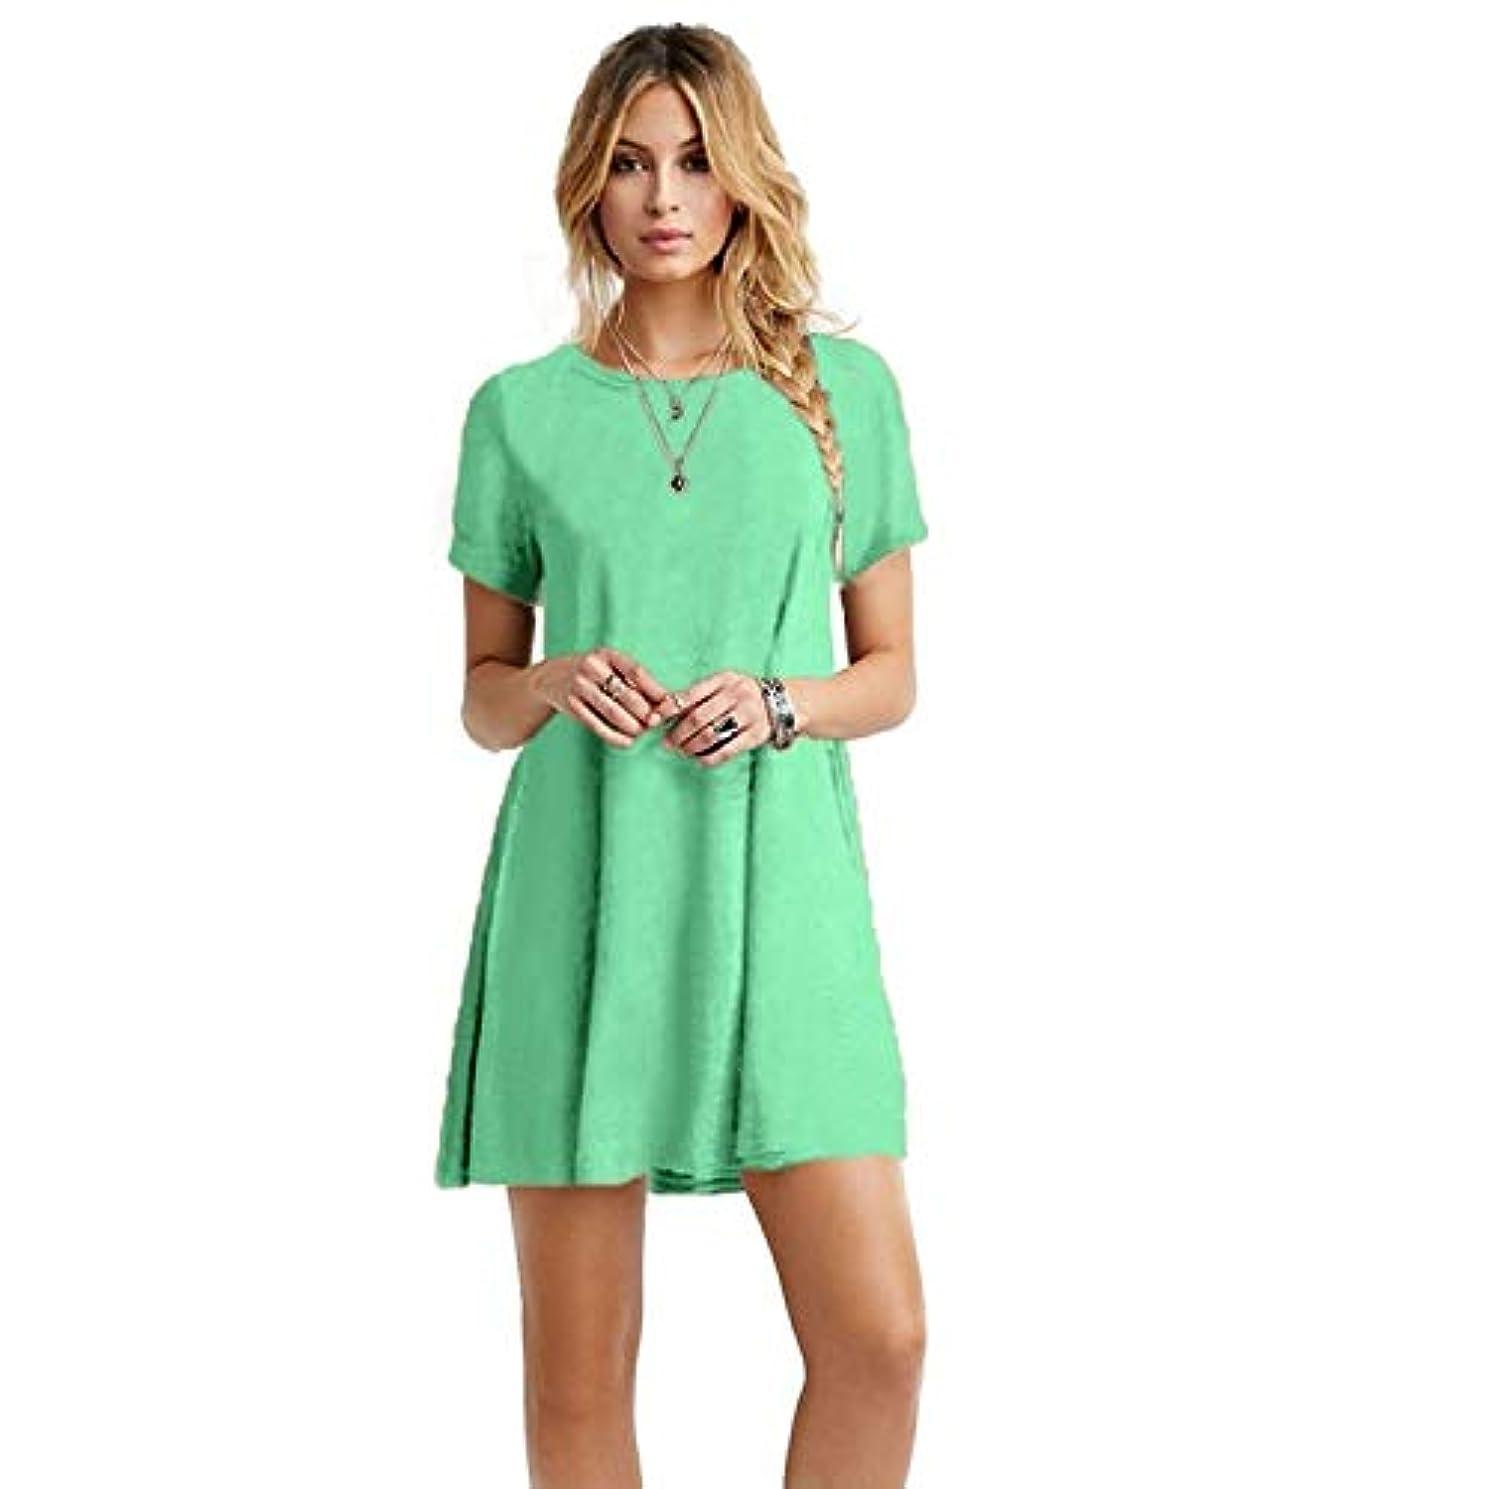 牛動かないとまり木MIFAN女性のファッション、カジュアル、ドレス、シャツ、コットン、半袖、無地、ミニ、ビーチドレス、プラスサイズのドレス